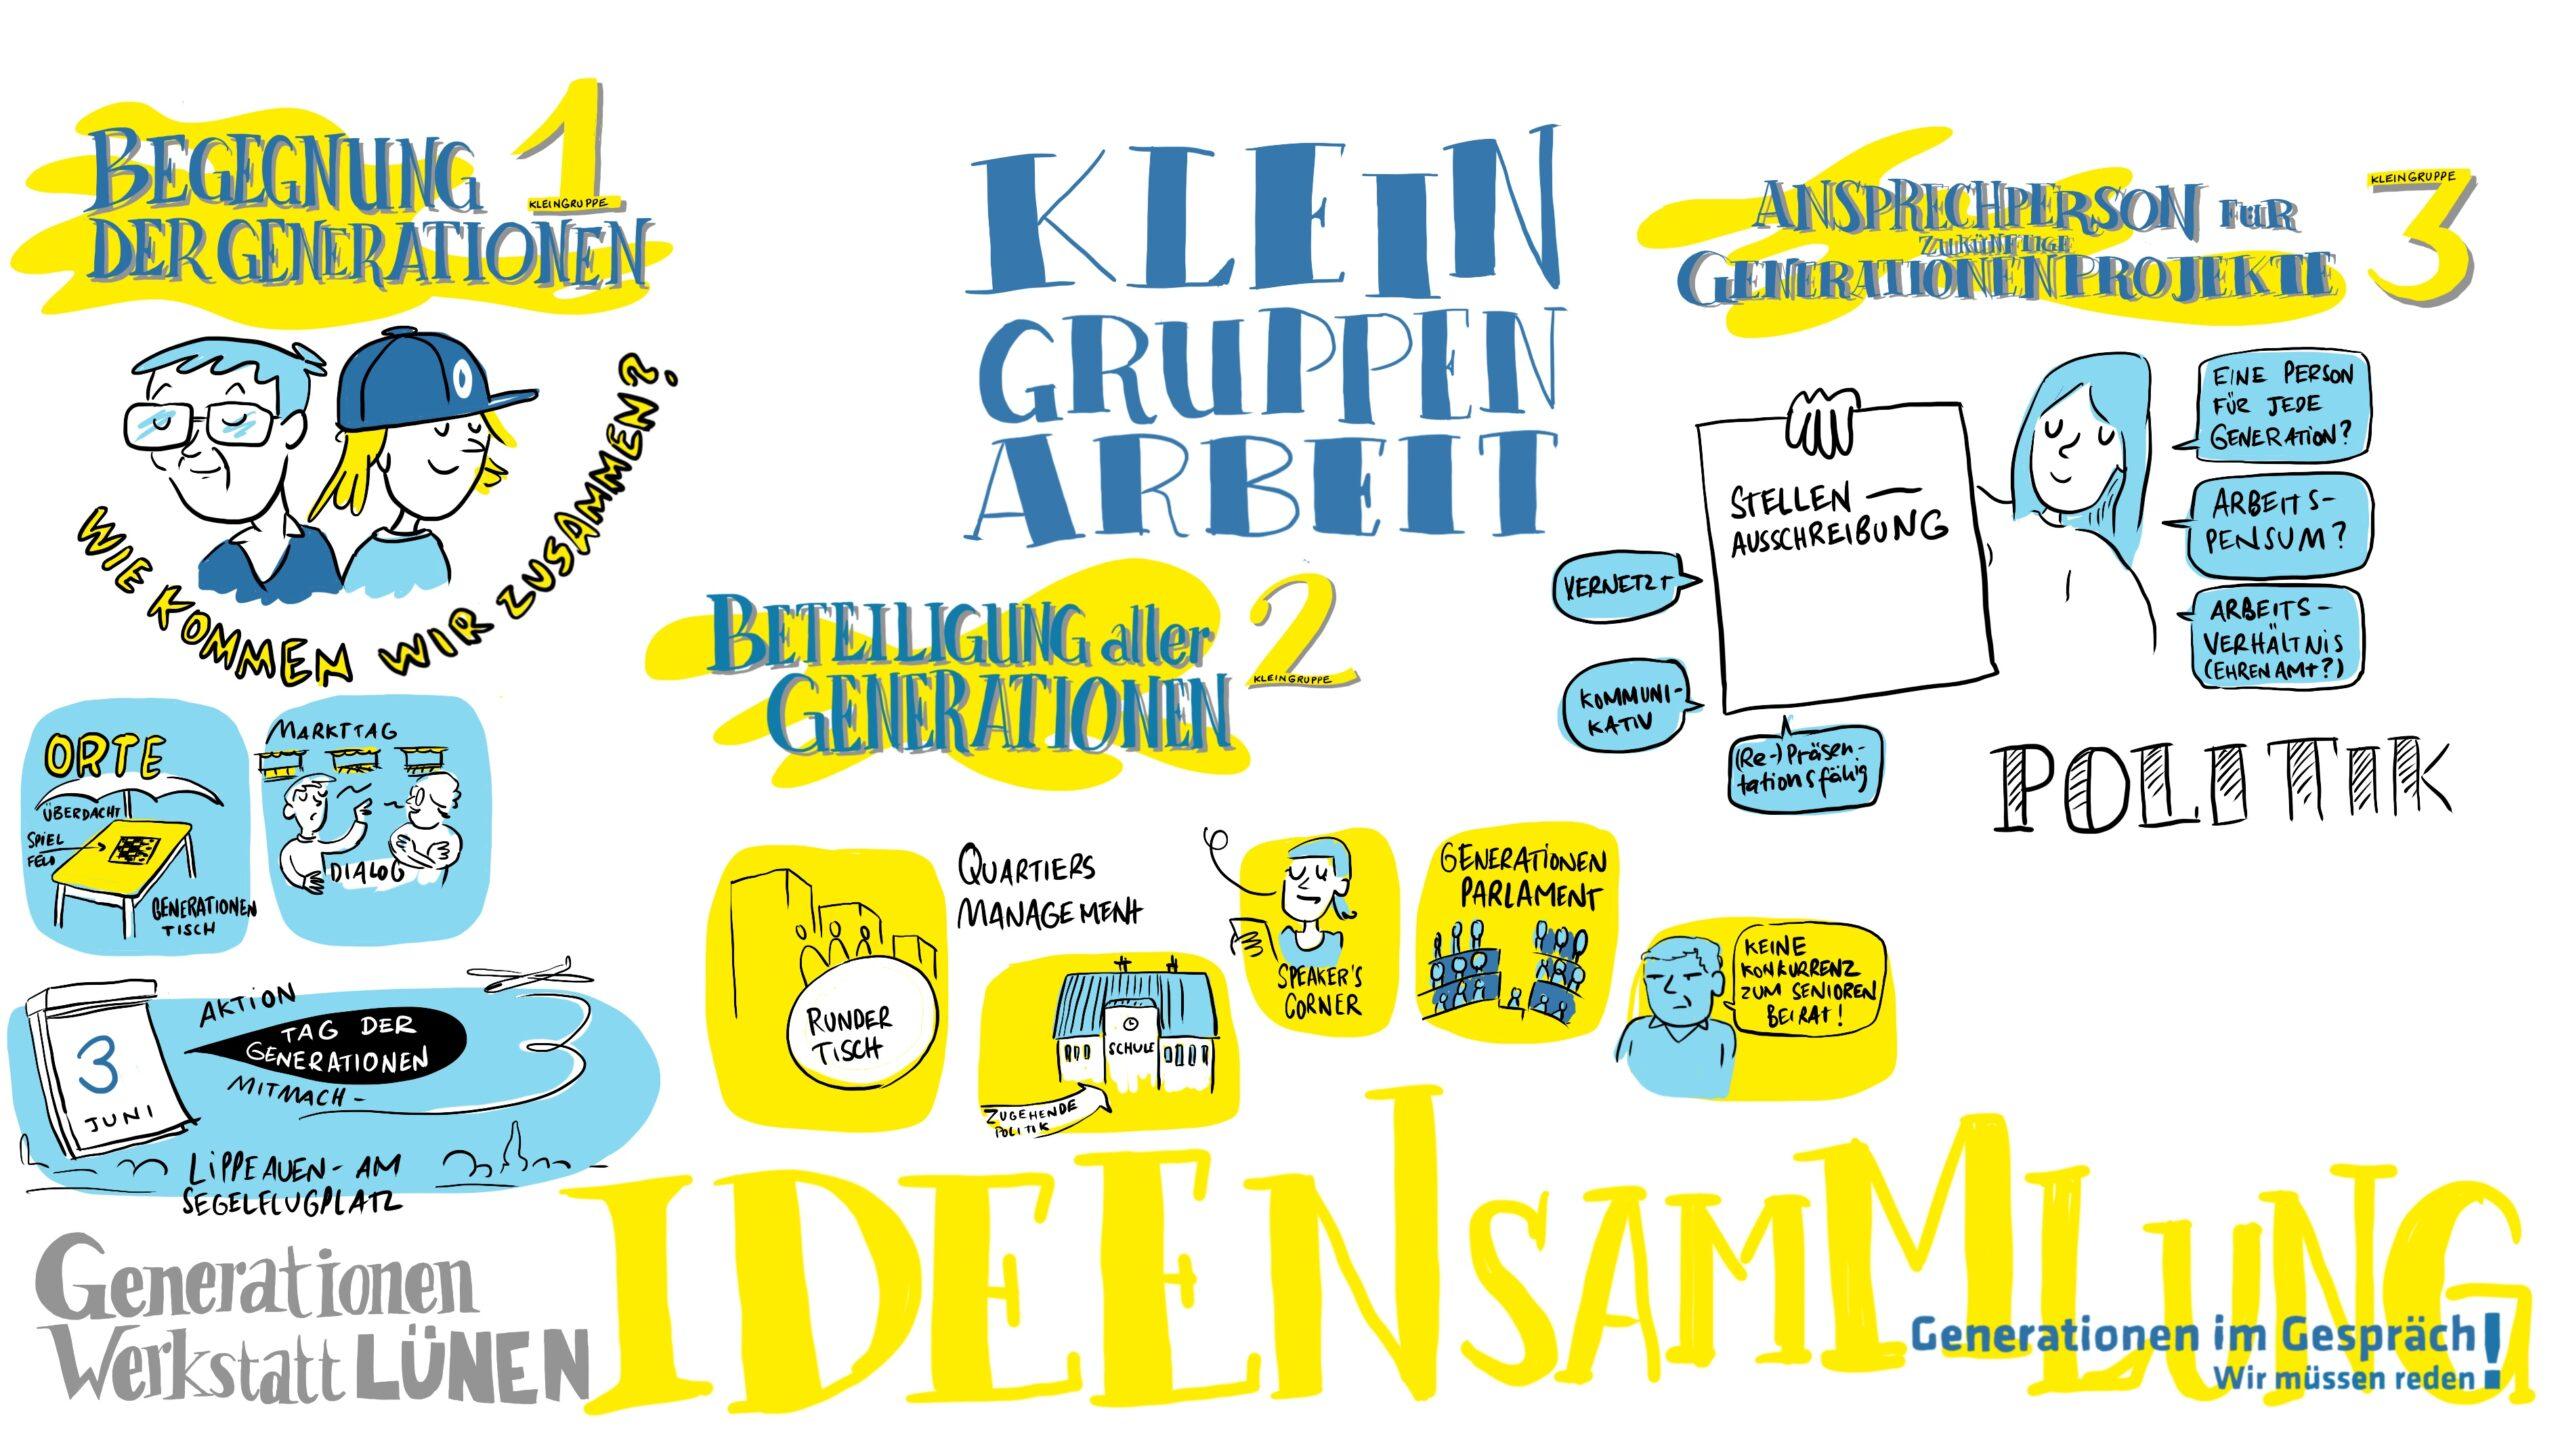 GiG_Werksatt_Lünen_11052021_03